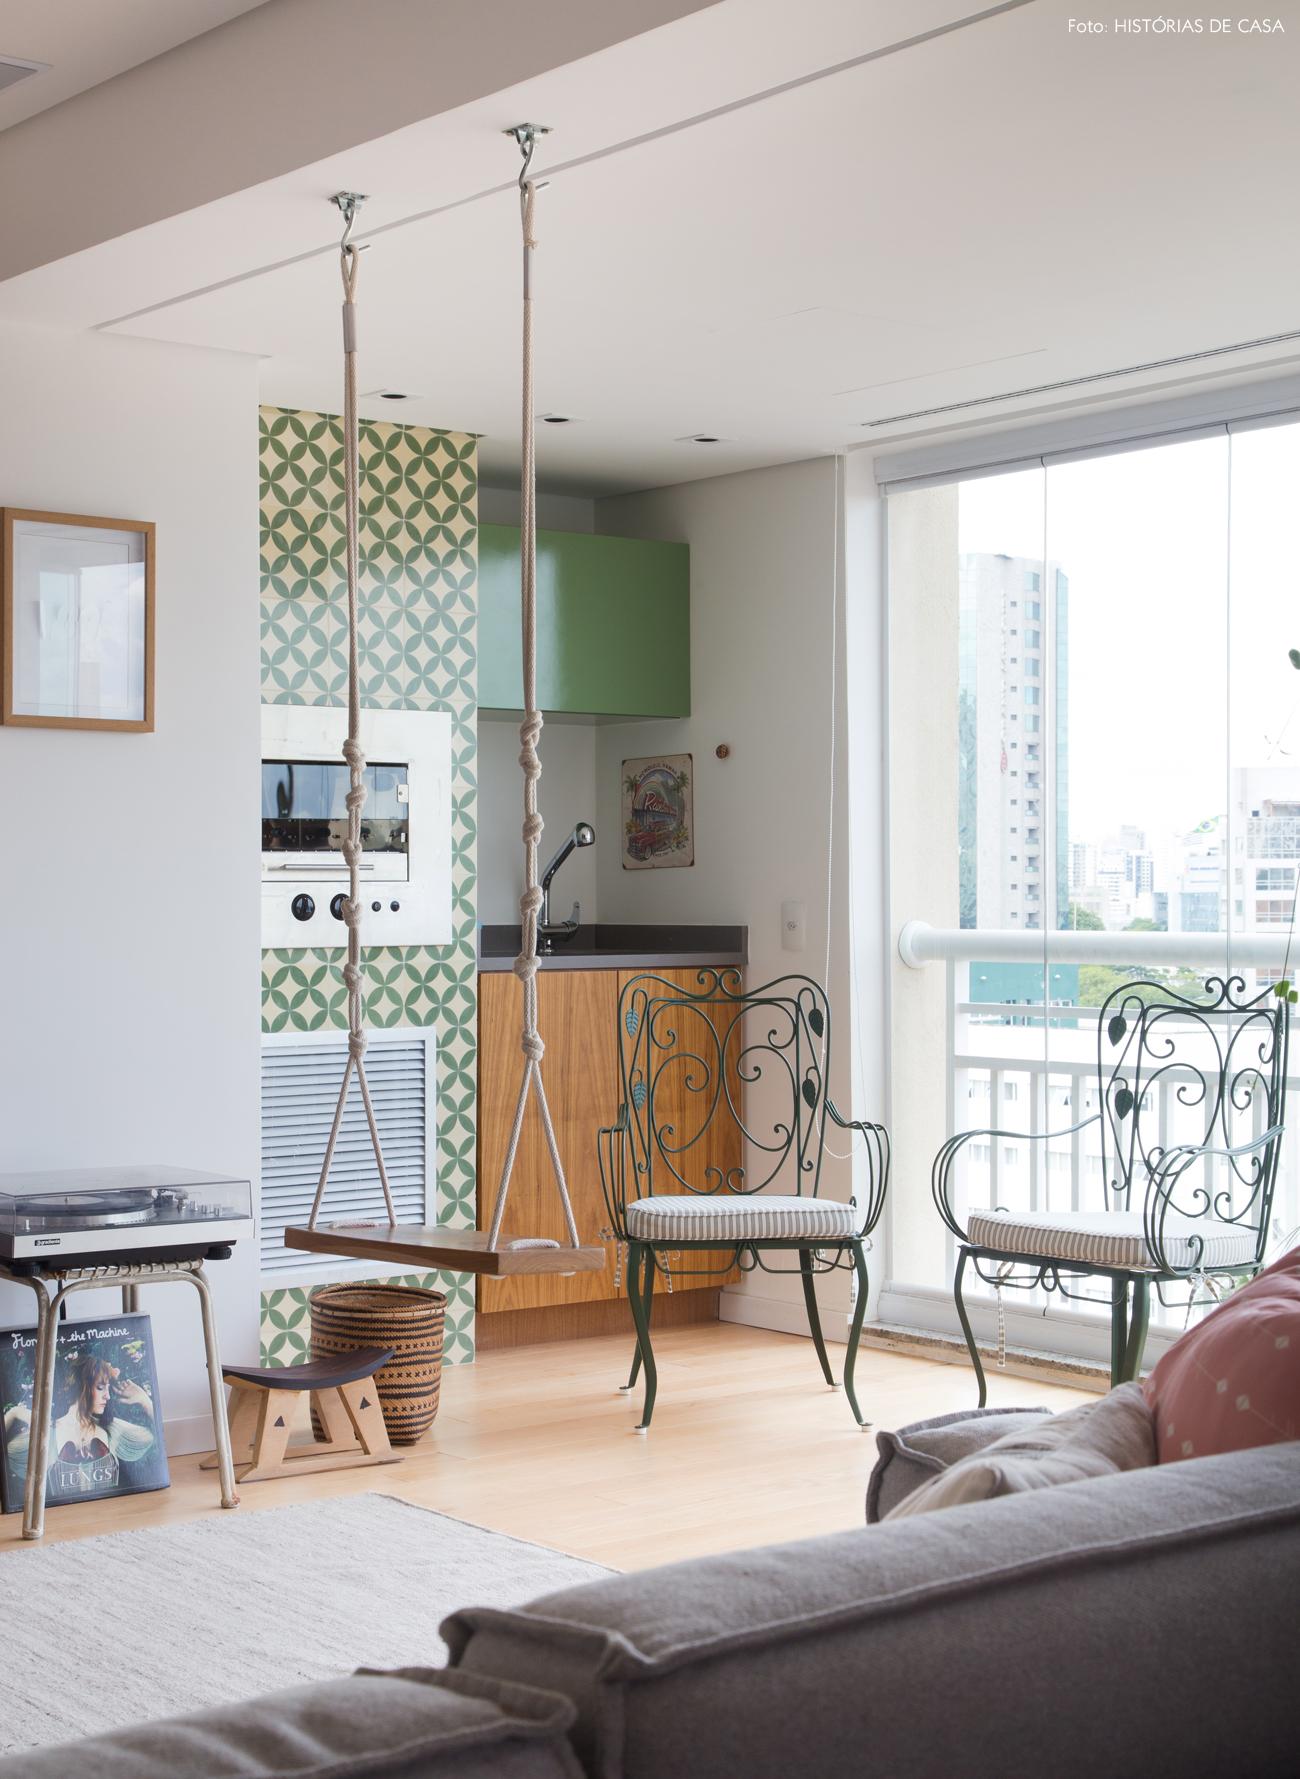 13-decoracao-apartamento-varanda-integrada-churrasqueira-ladrilhos-hidraulicos